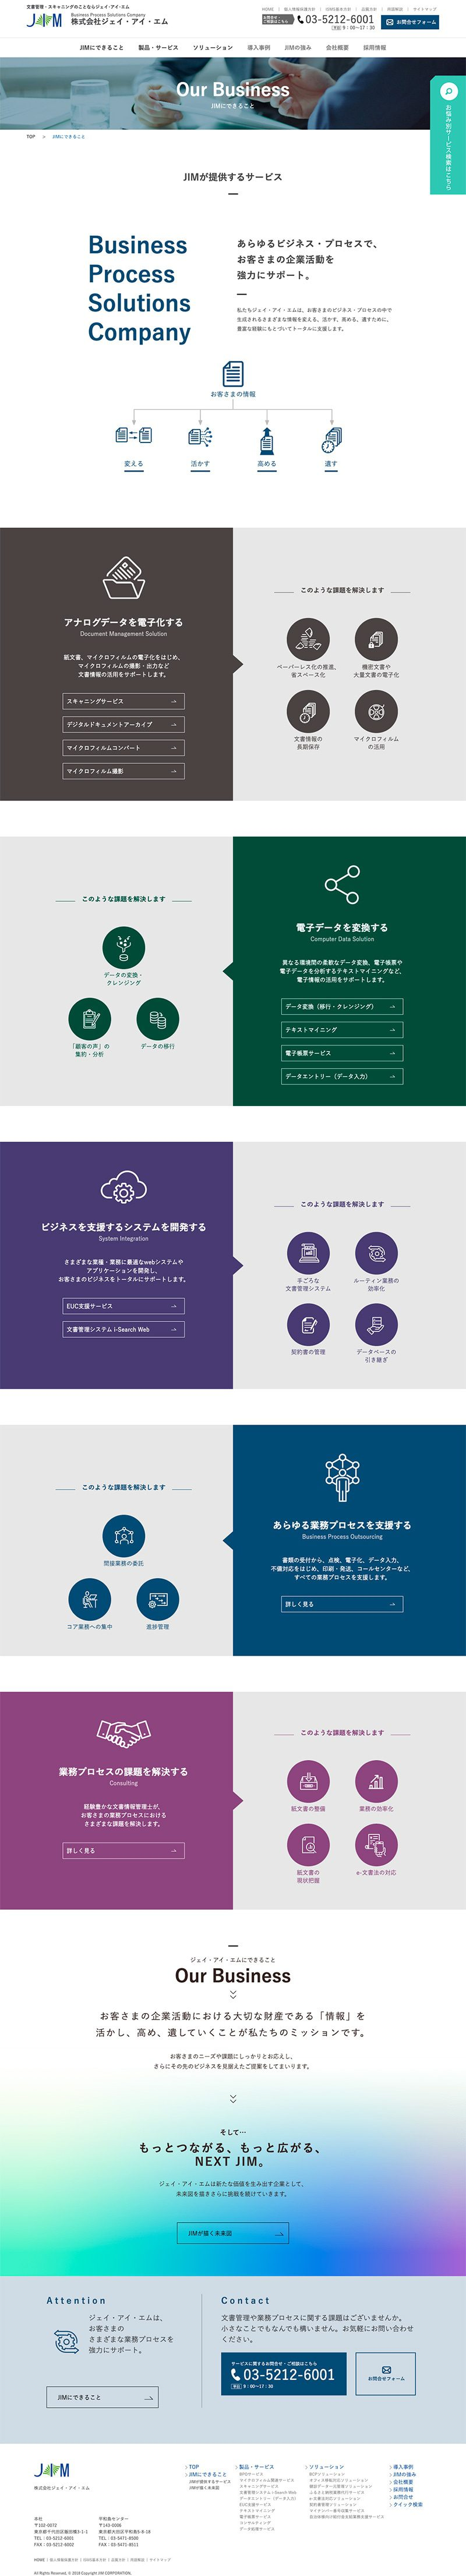 株式会社ジェイ・アイ・エム様|コーポレートサイト「Our Business」/サービス